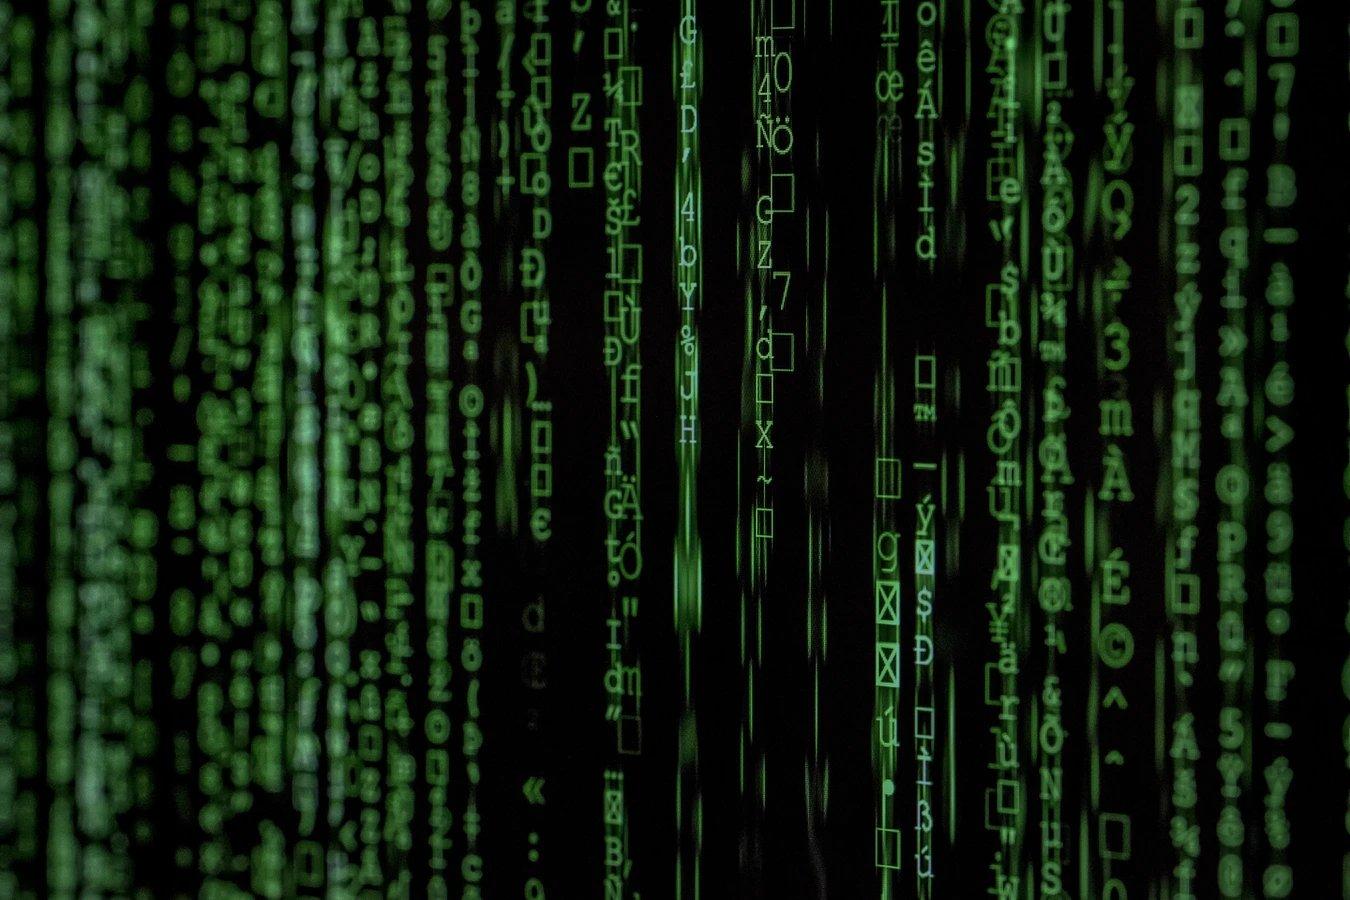 código malware